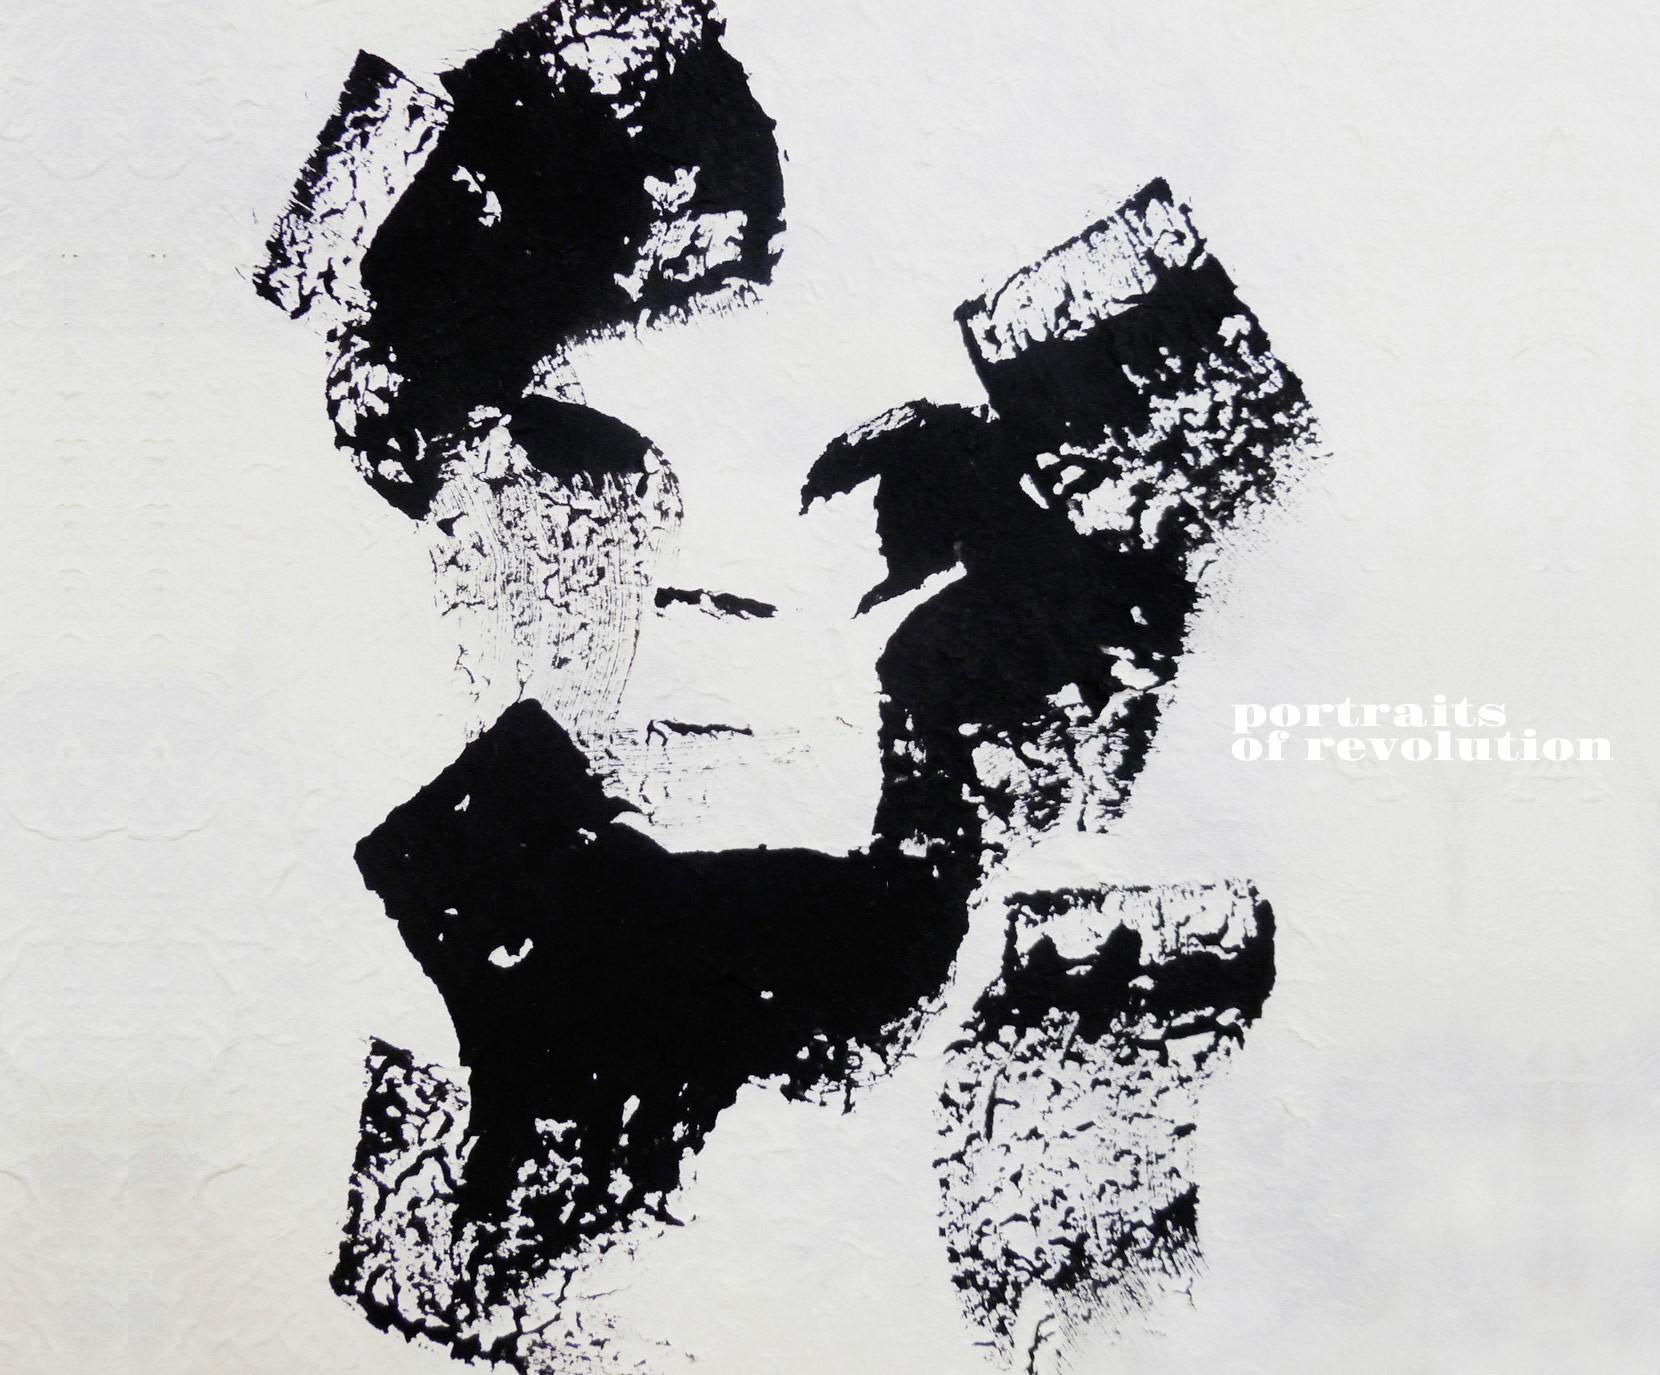 Silvio-Cocco-Faces-Revolutions-Graphic-Design-Brush